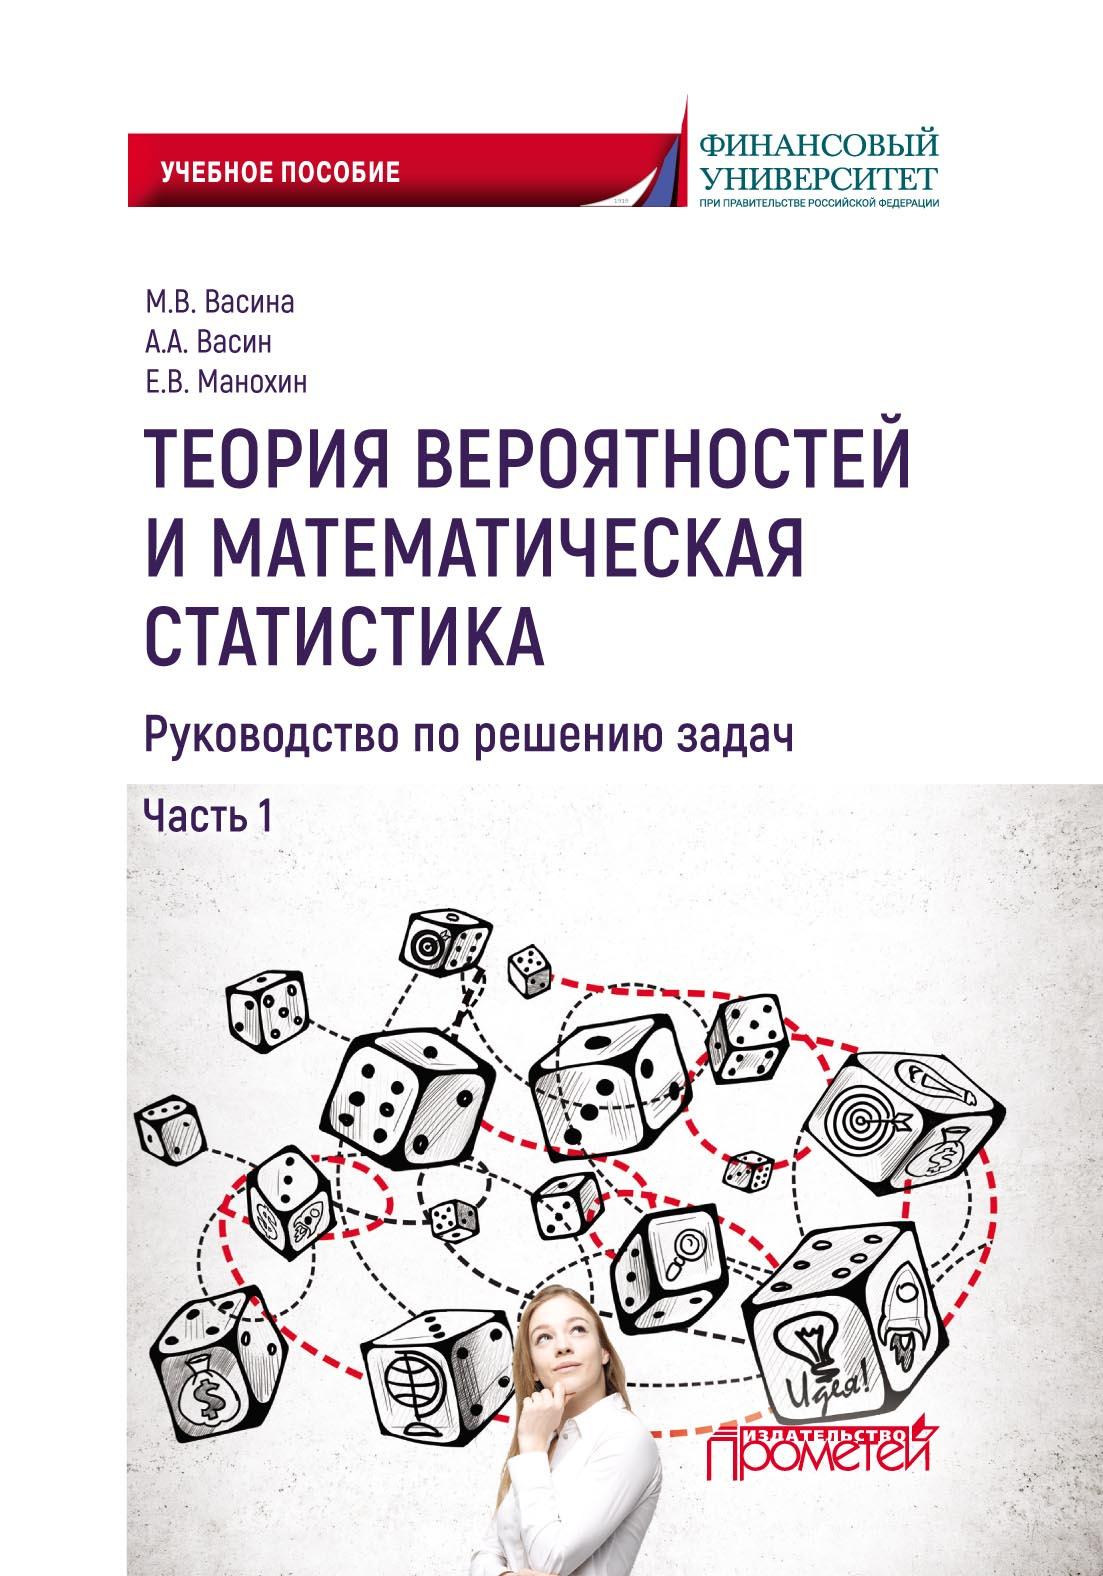 задачи по математике на концентрацию растворов решение